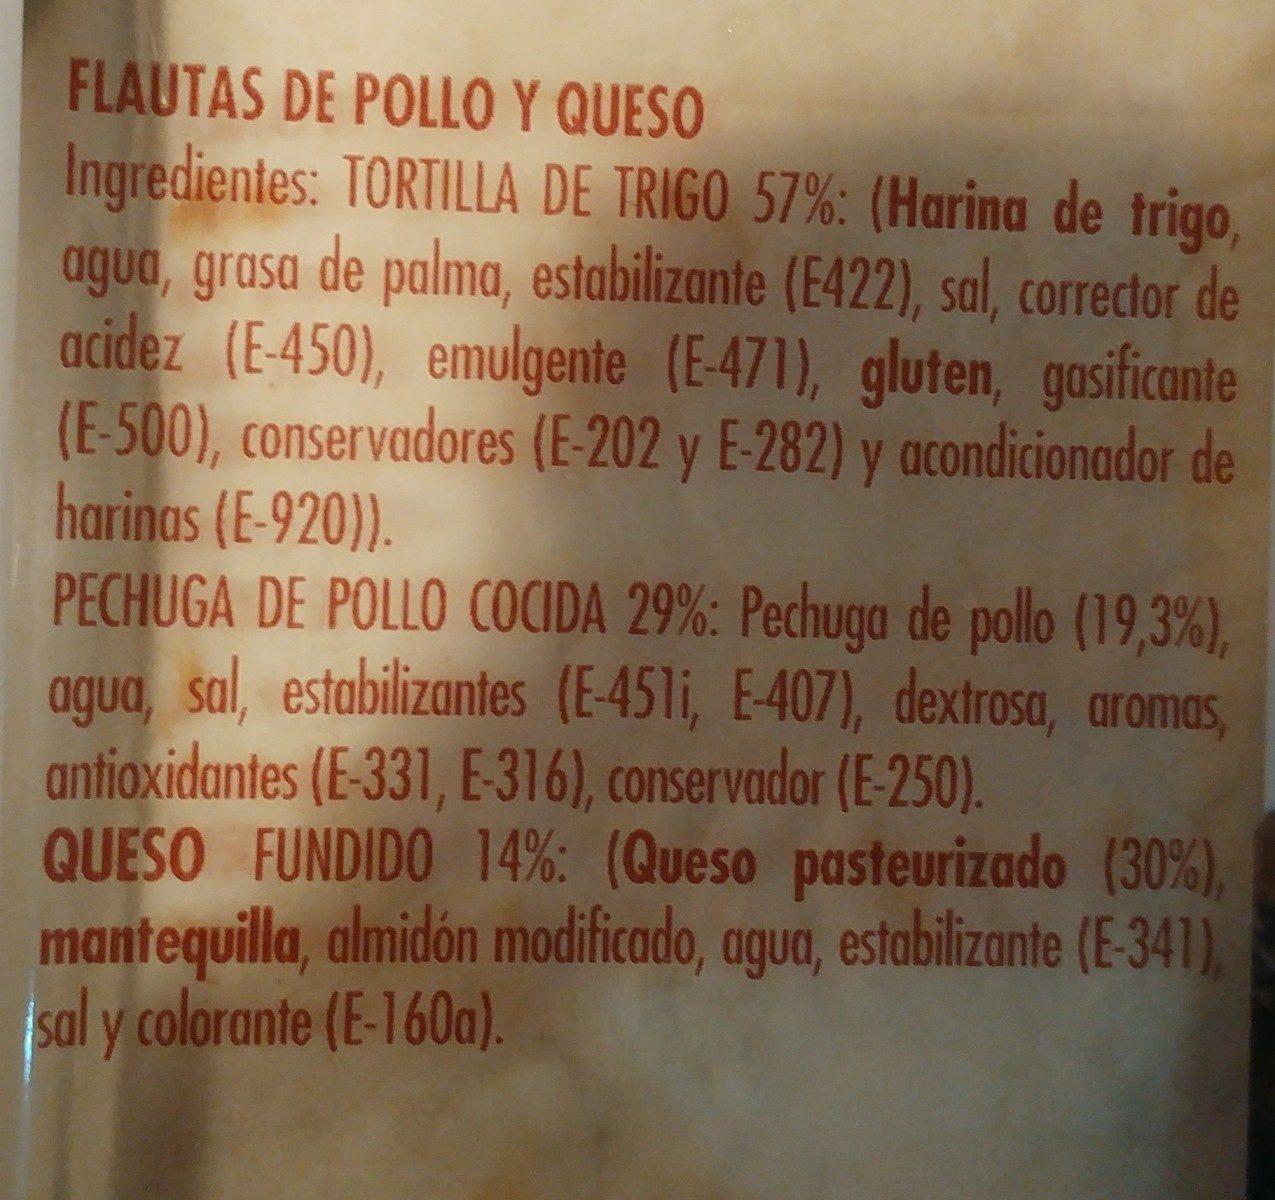 Flautas De Pollo Y Queso - Ingredientes